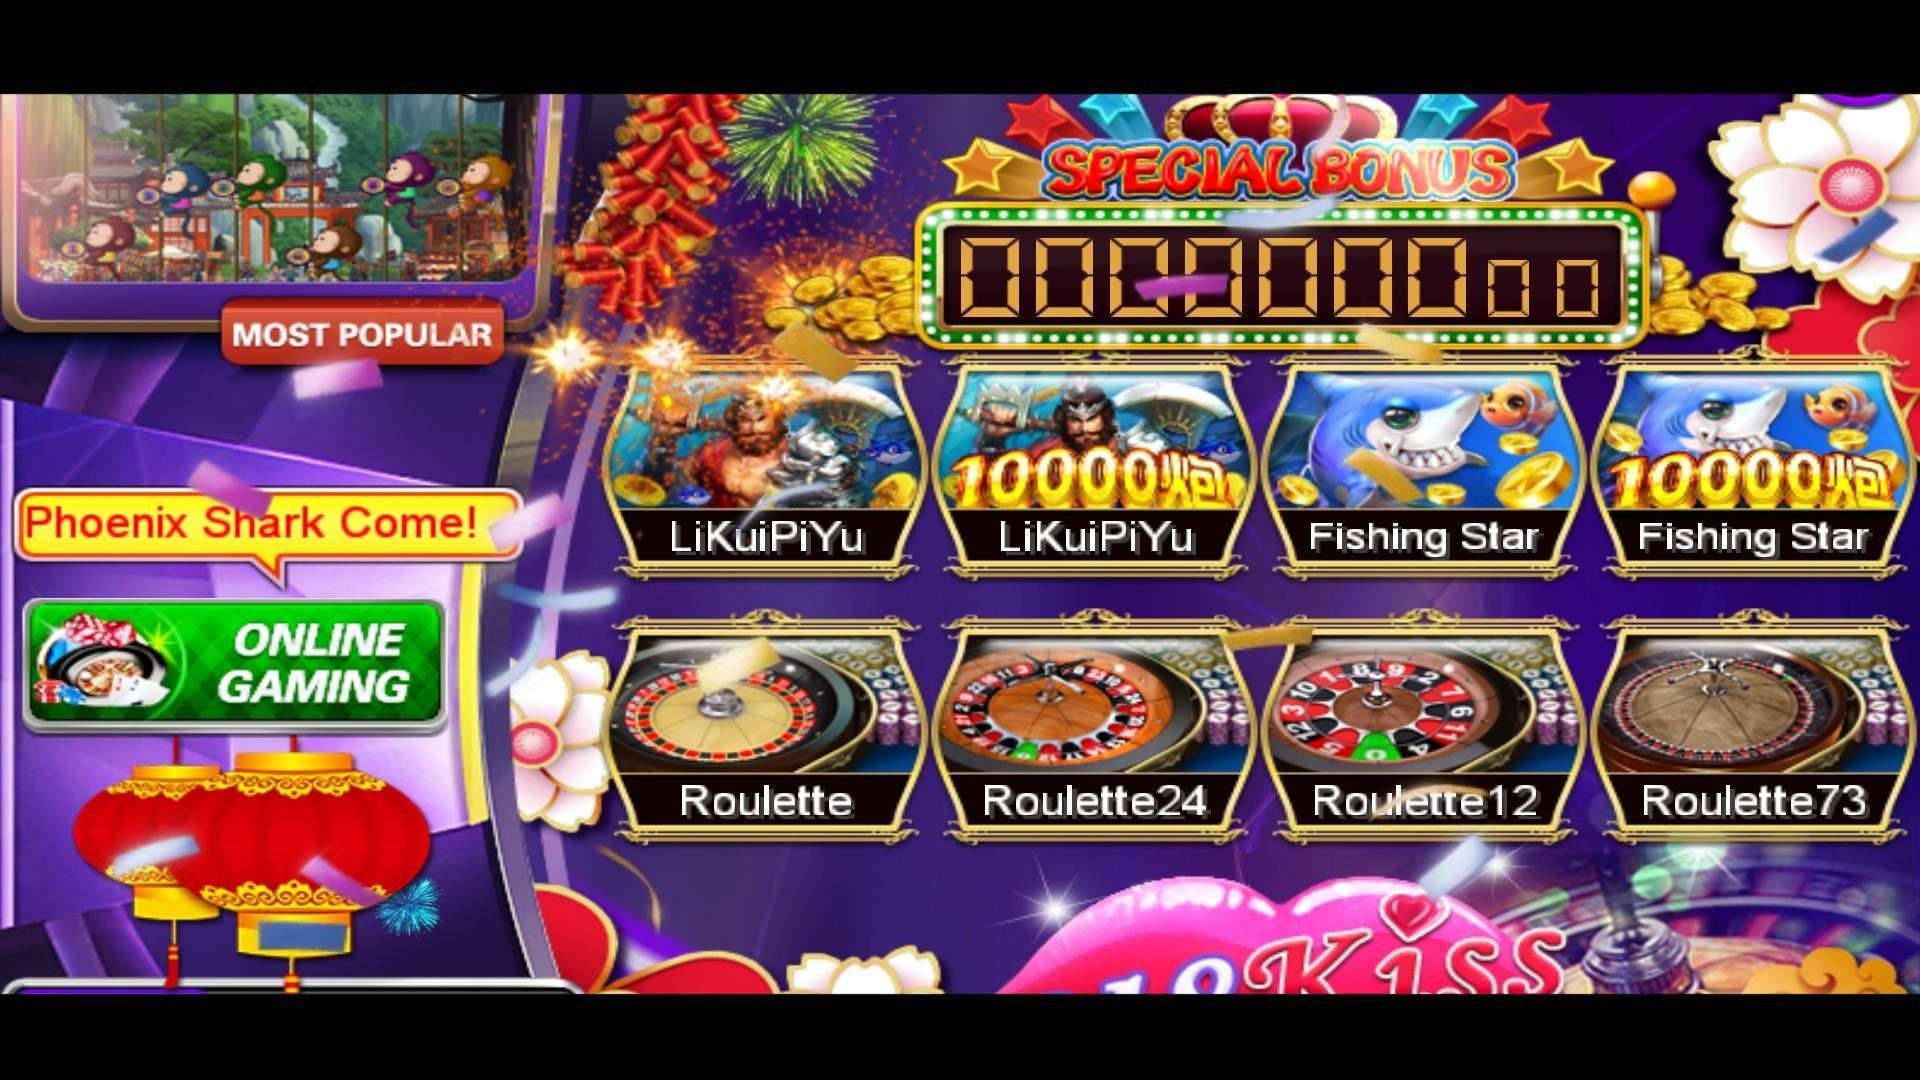 Best Online Gambling Platform 918kiss Scr888